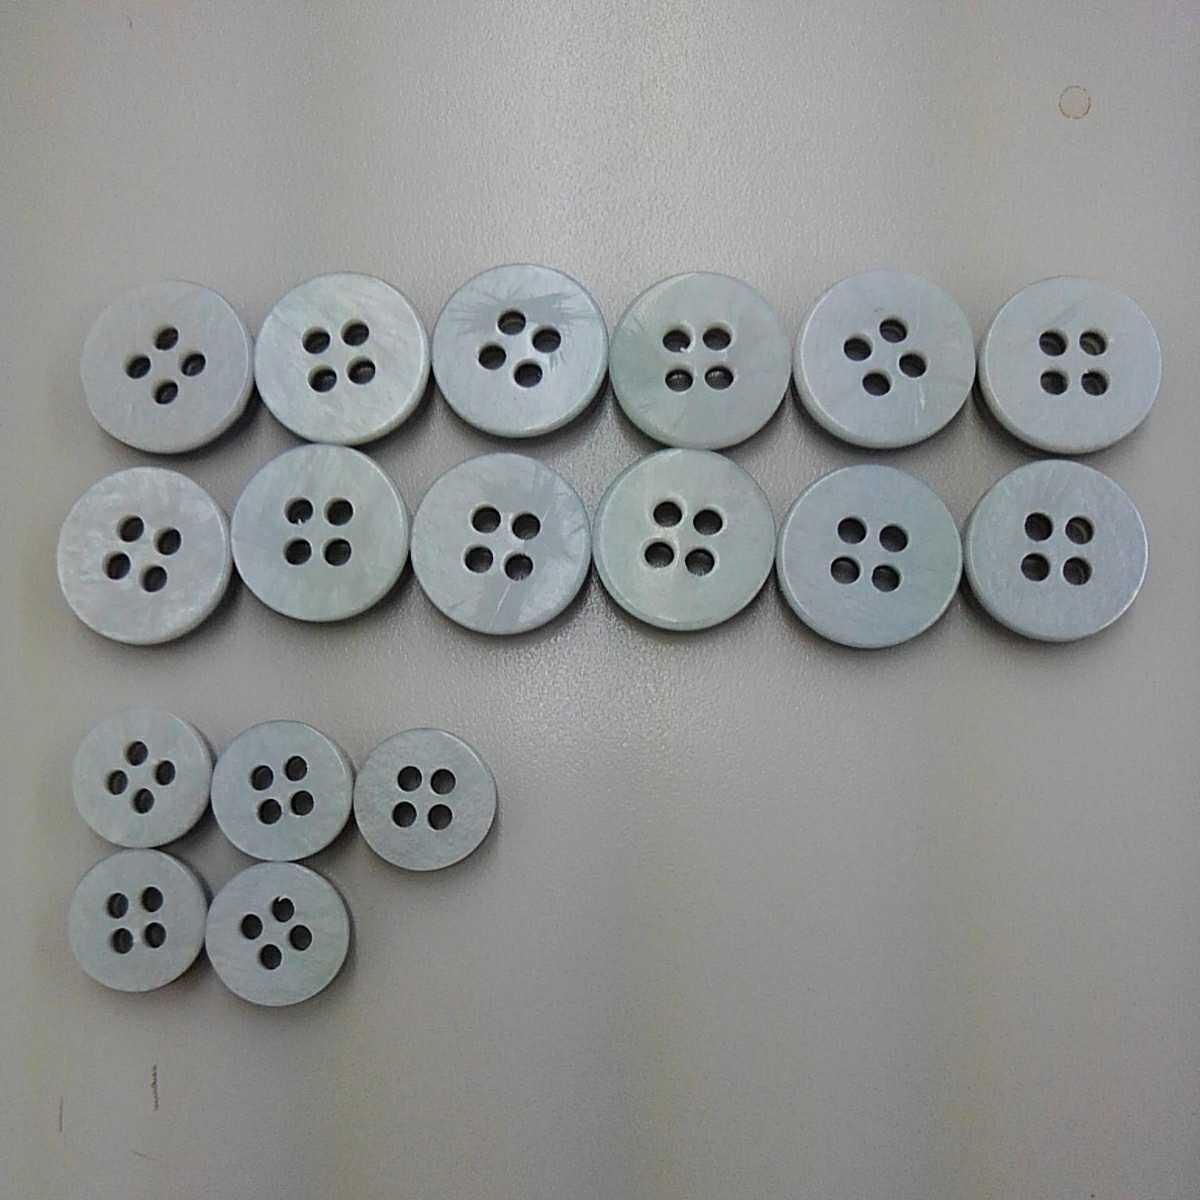 ◆ボタンダウンシャツ用 ボタン 大12個+小5個 クリアグレー×グレー◆_画像2